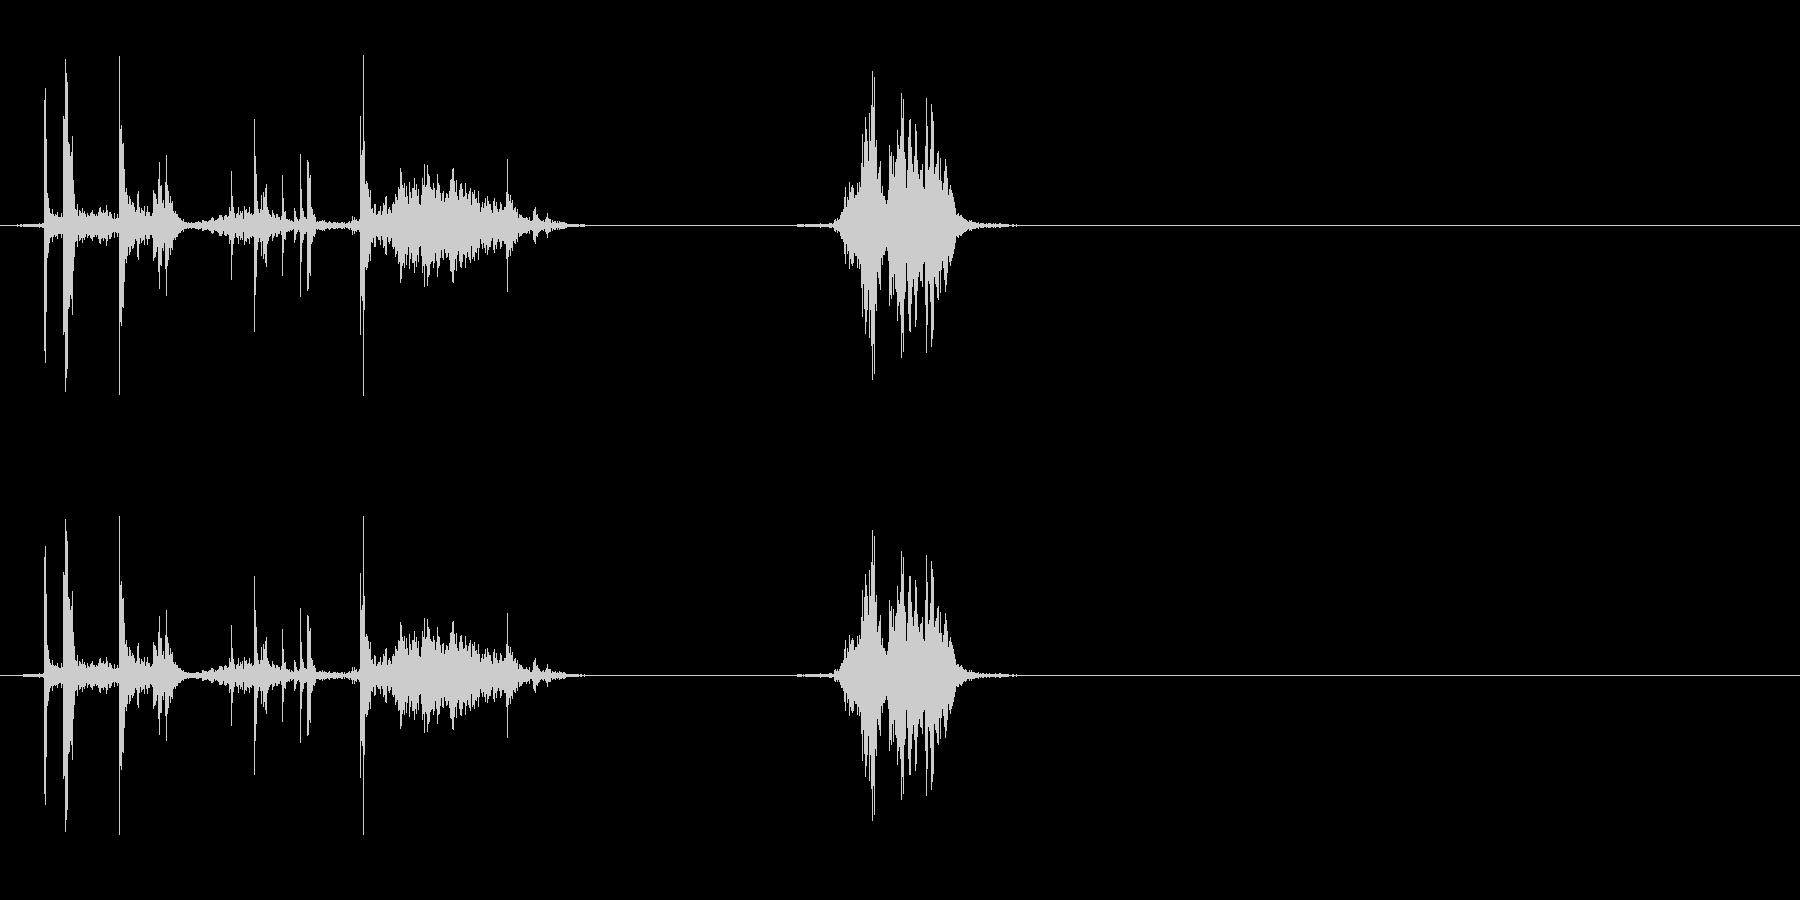 ウイスキーキャップ(閉める音)の未再生の波形